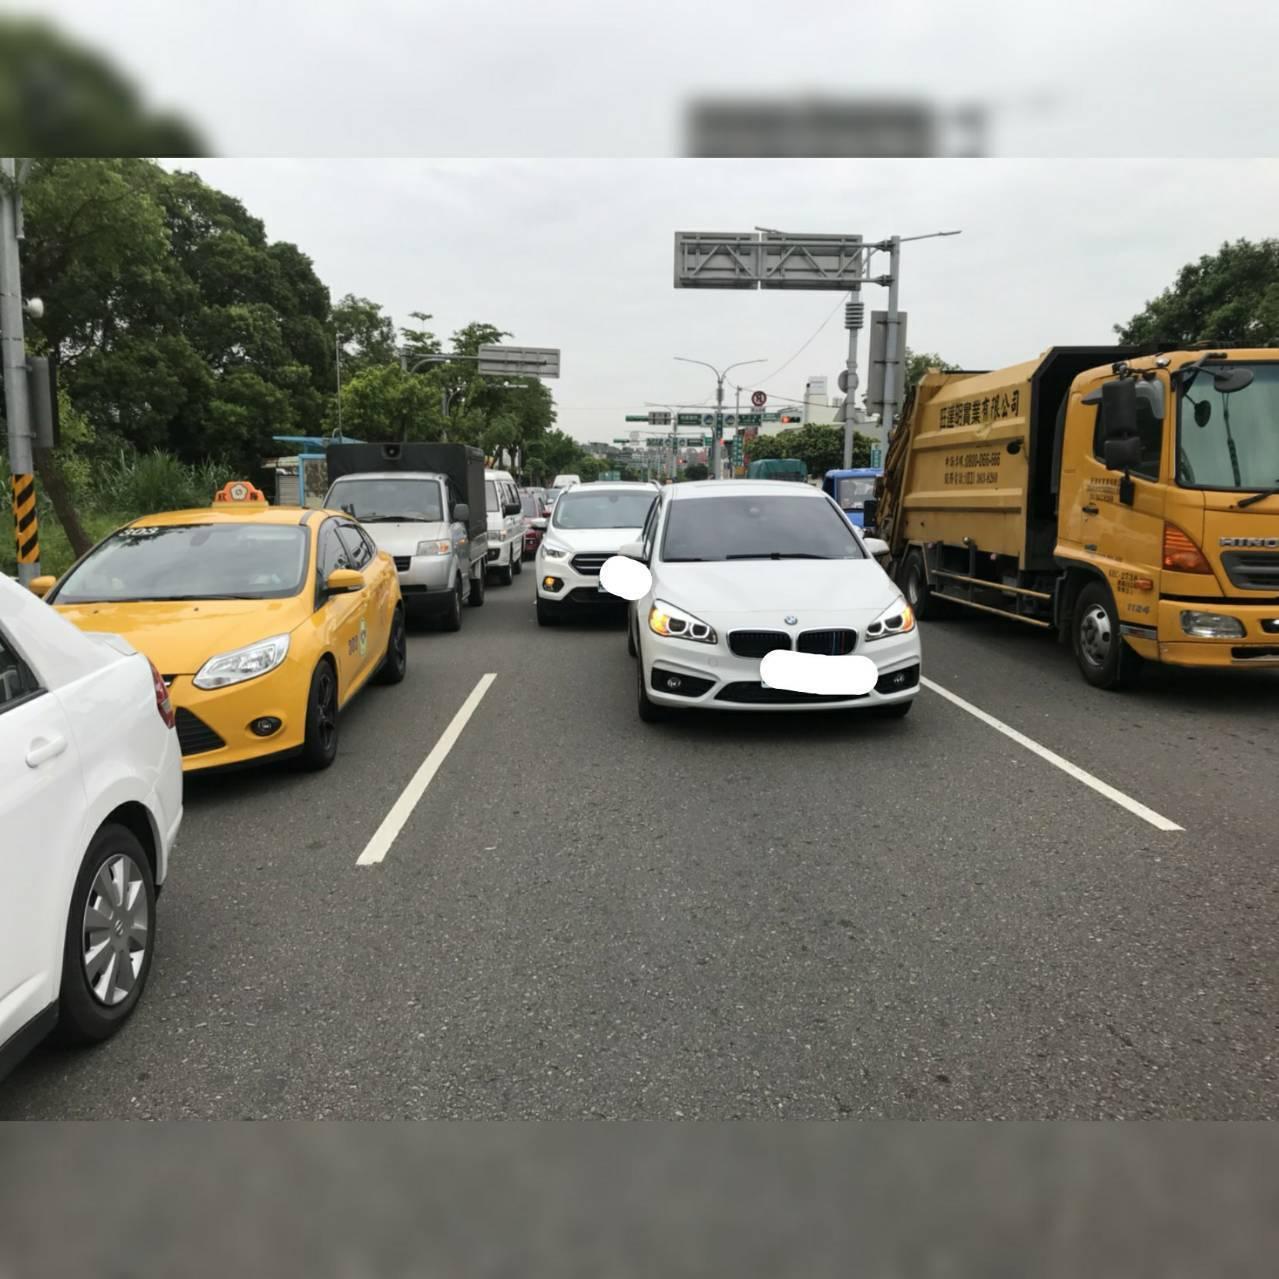 日籍旅客道盛先生日前帶著一家五口來台自駕,不小心發生車禍,但因語言不通無法溝通,...